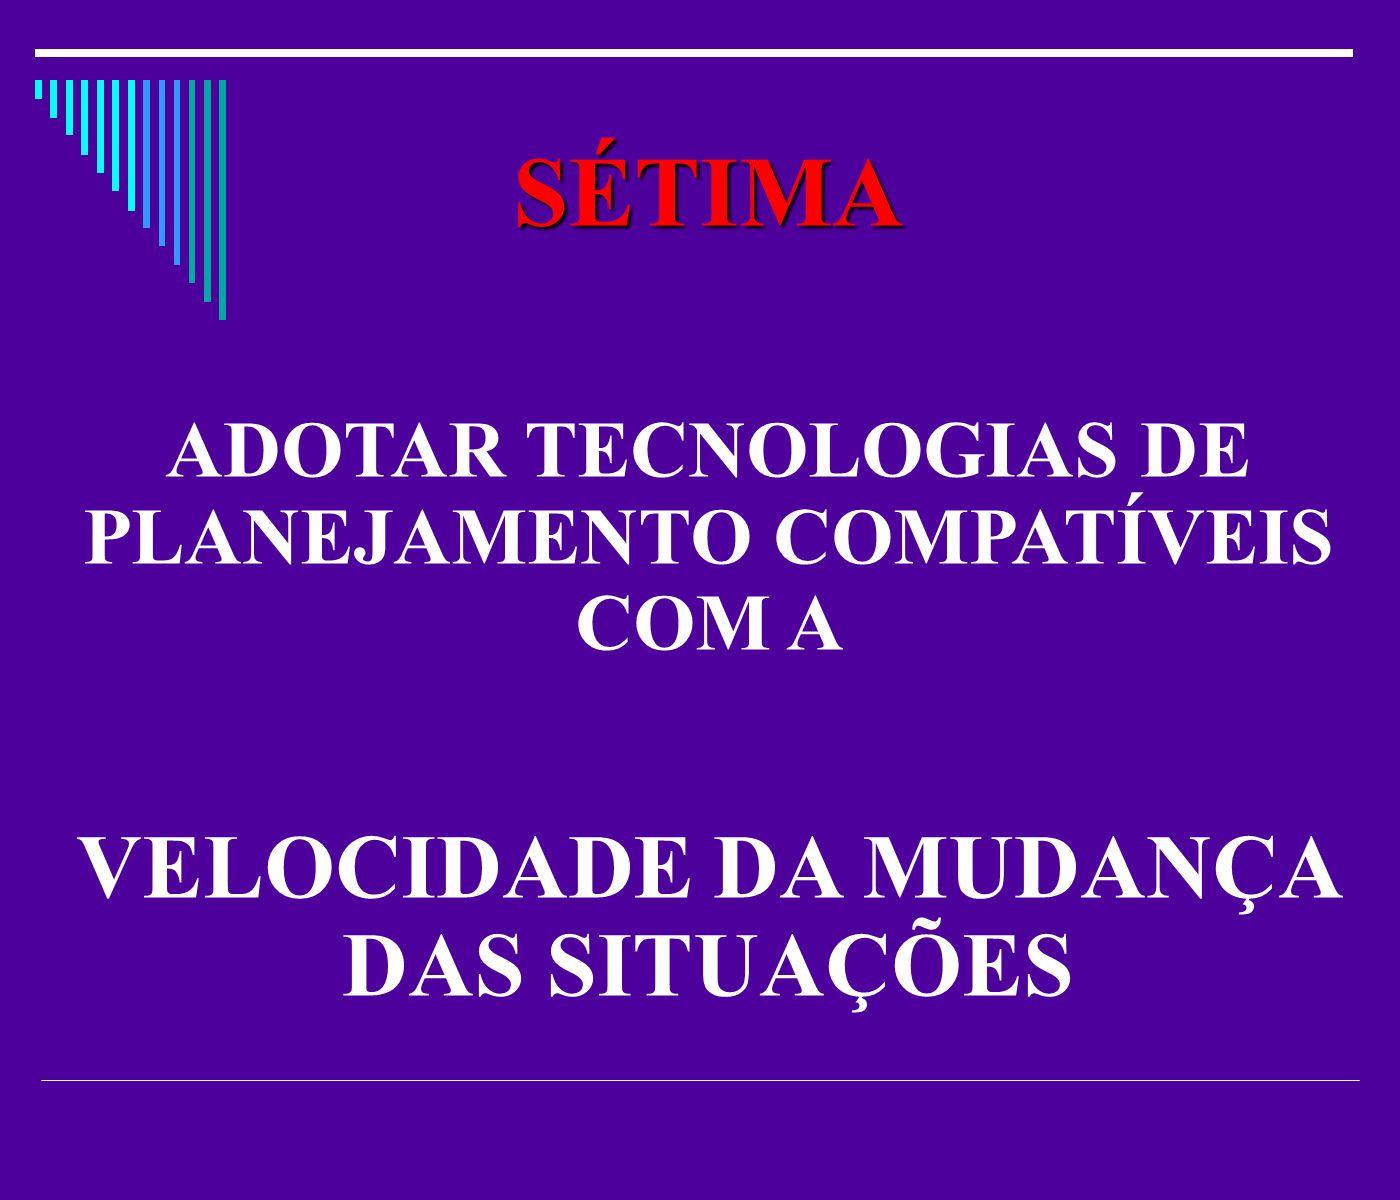 SÉTIMA ADOTAR TECNOLOGIAS DE PLANEJAMENTO COMPATÍVEIS COM A VELOCIDADE DA MUDANÇA DAS SITUAÇÕES